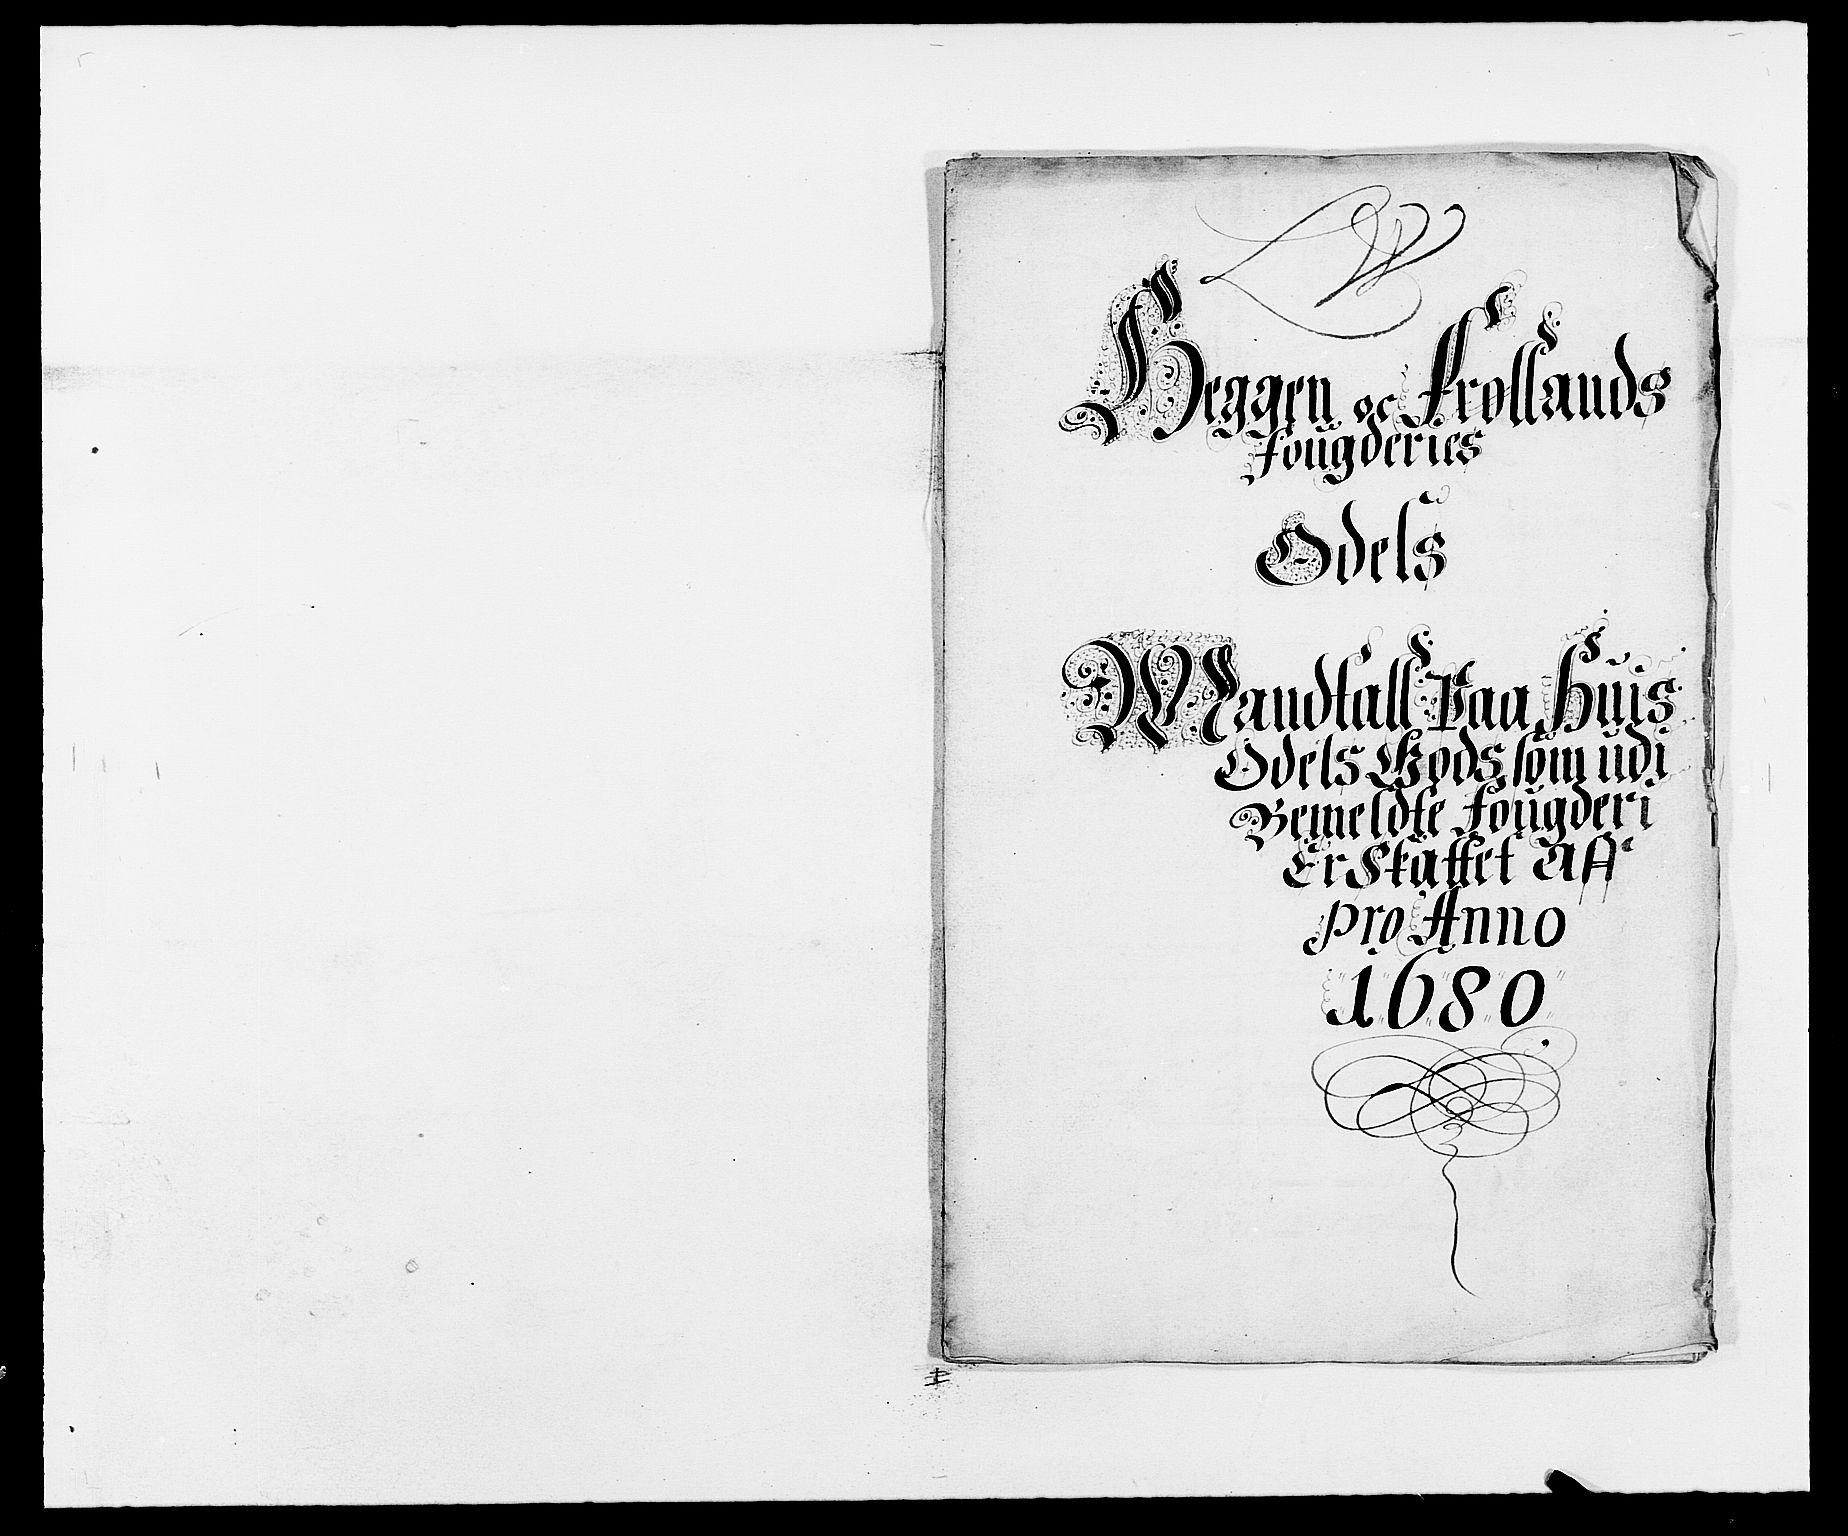 RA, Rentekammeret inntil 1814, Reviderte regnskaper, Fogderegnskap, R06/L0279: Fogderegnskap Heggen og Frøland, 1678-1680, s. 492